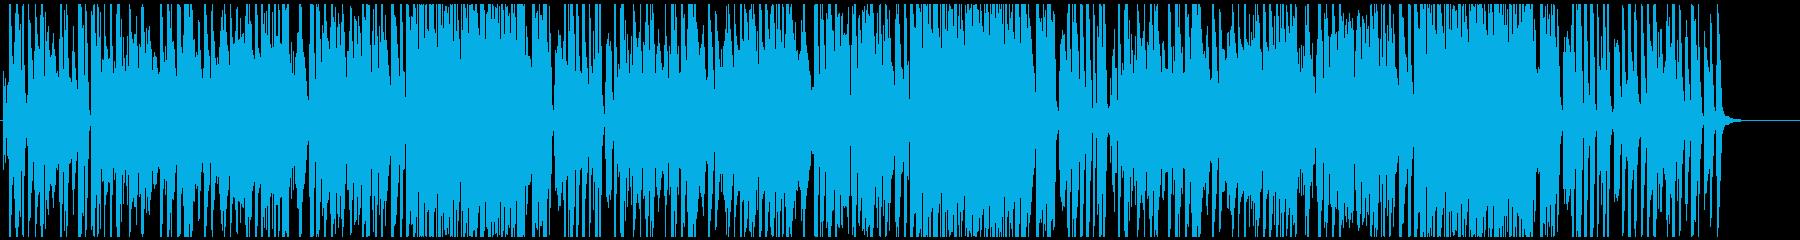 インパクトある面白いメロディピアノトリオの再生済みの波形